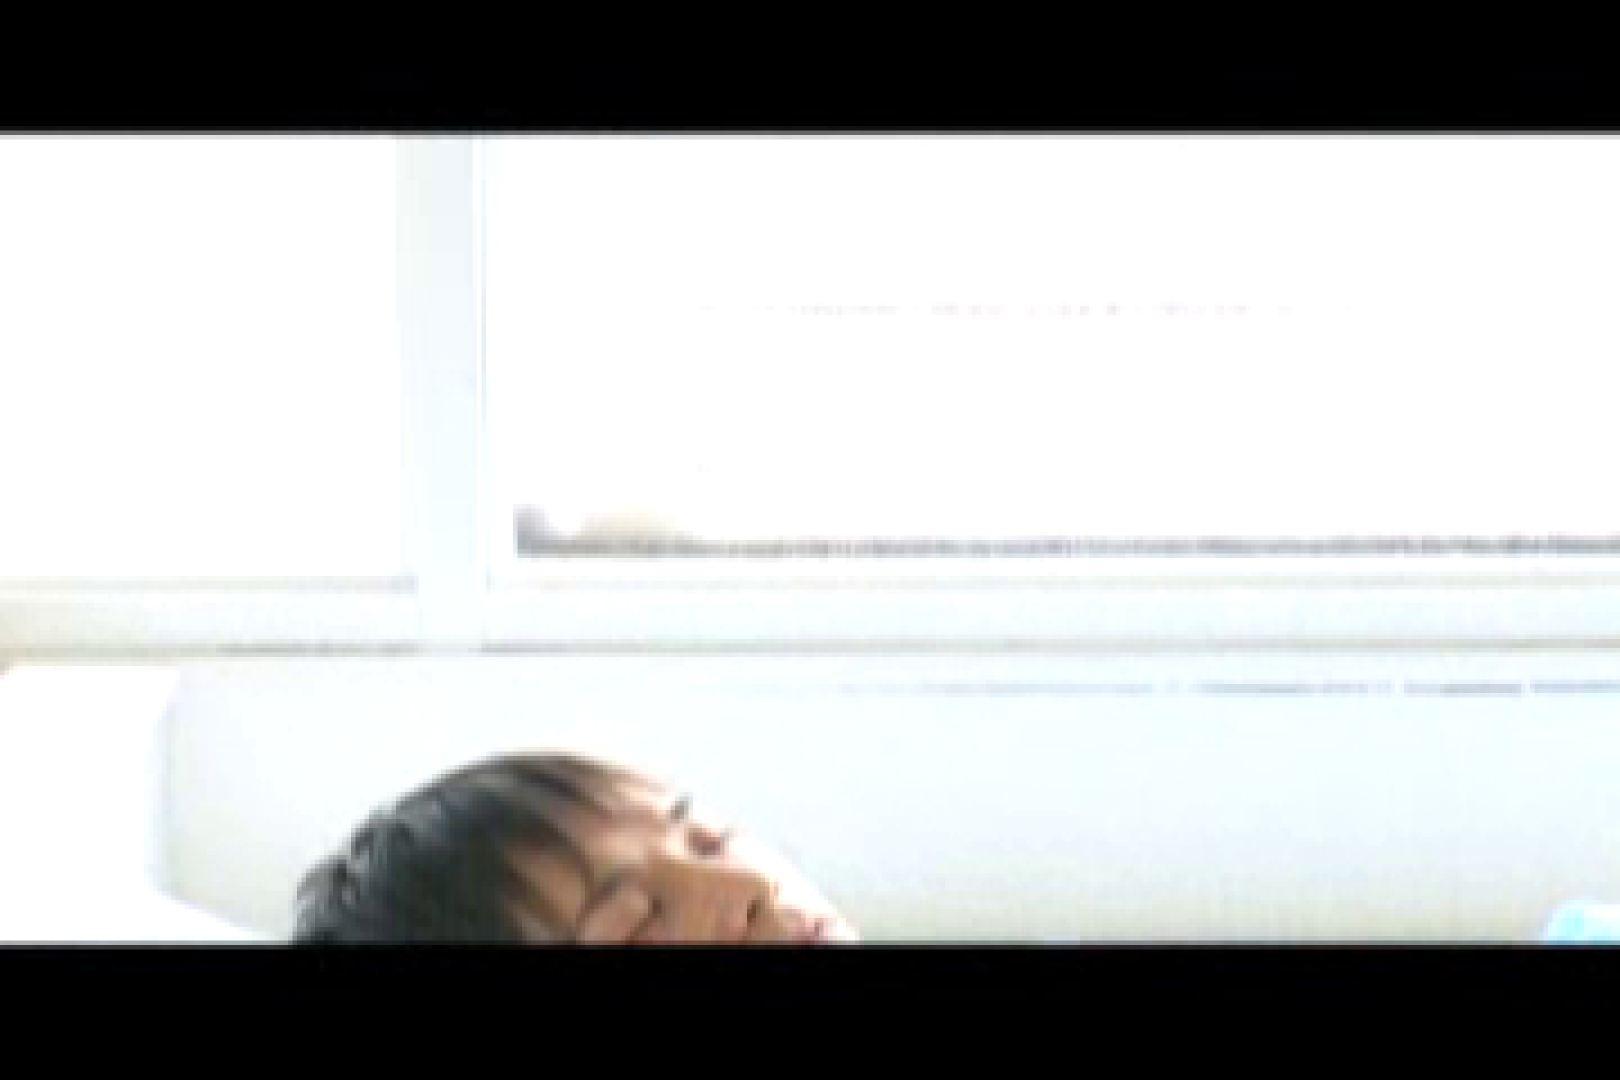 美男子コレクションvol7 イケメン ケツマンスケベ画像 104枚 28